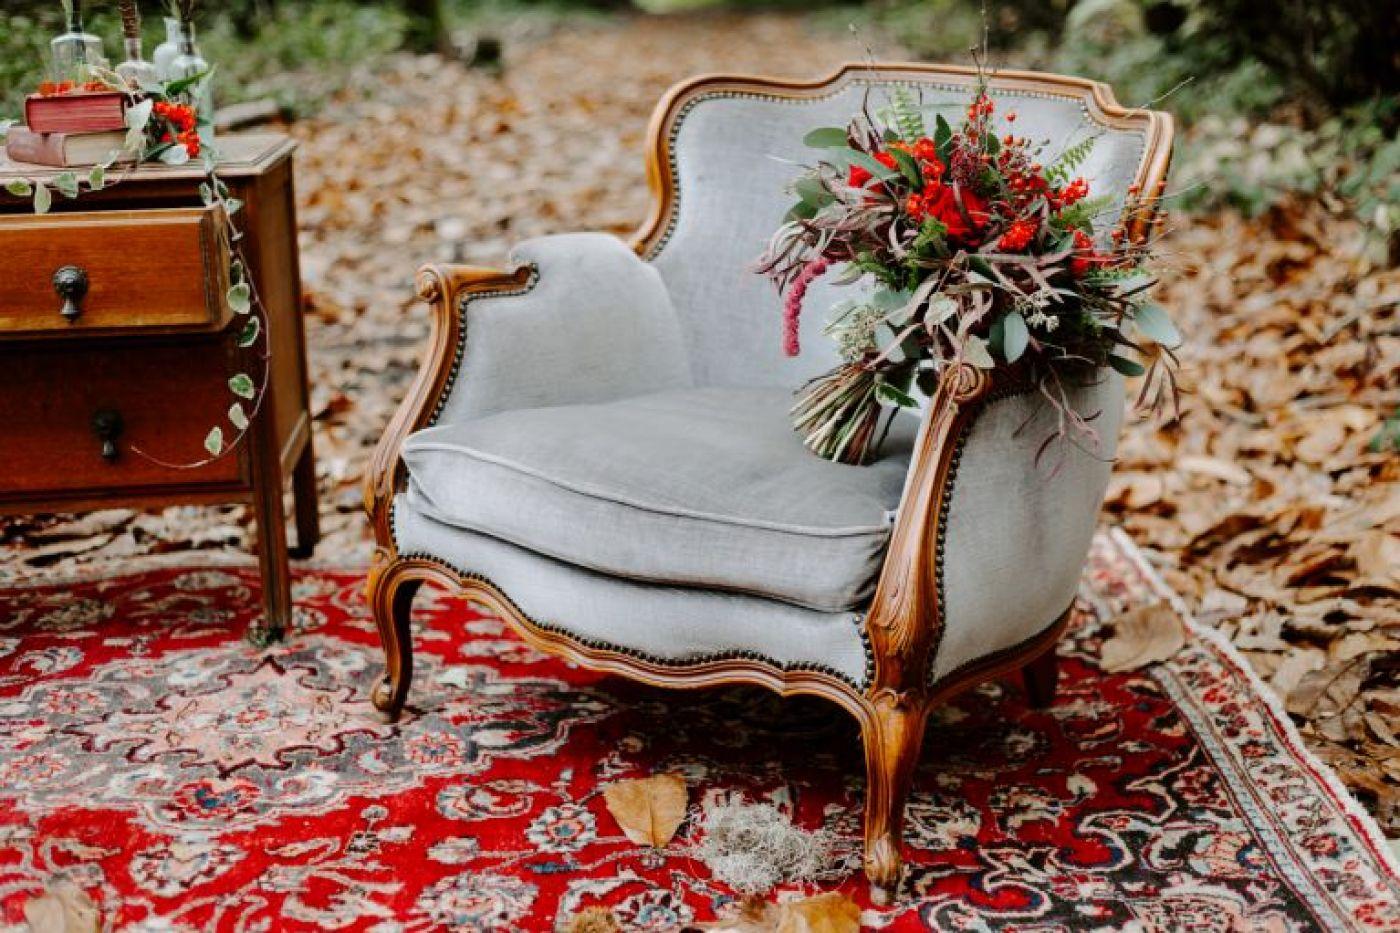 Anthology Vintage Hire wedding decor